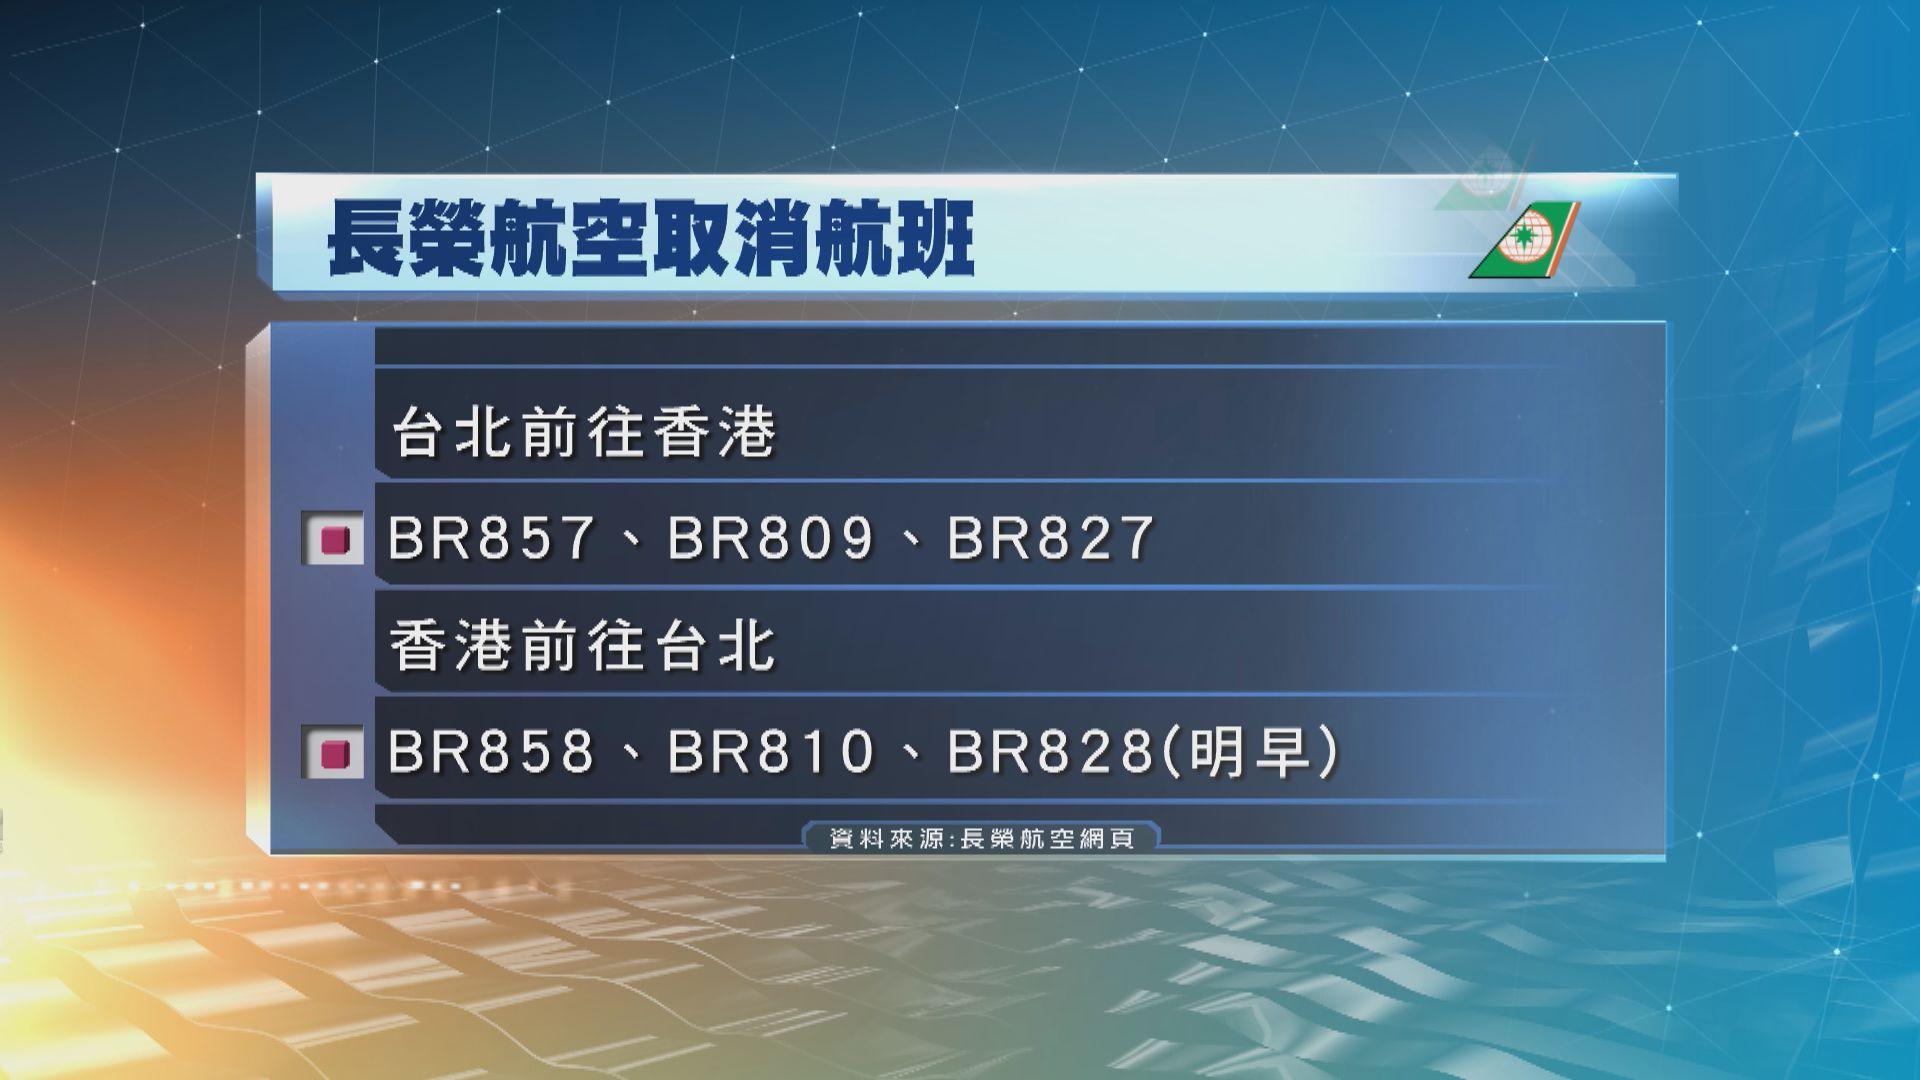 長榮罷工 今明兩天六班來往港台航班取消